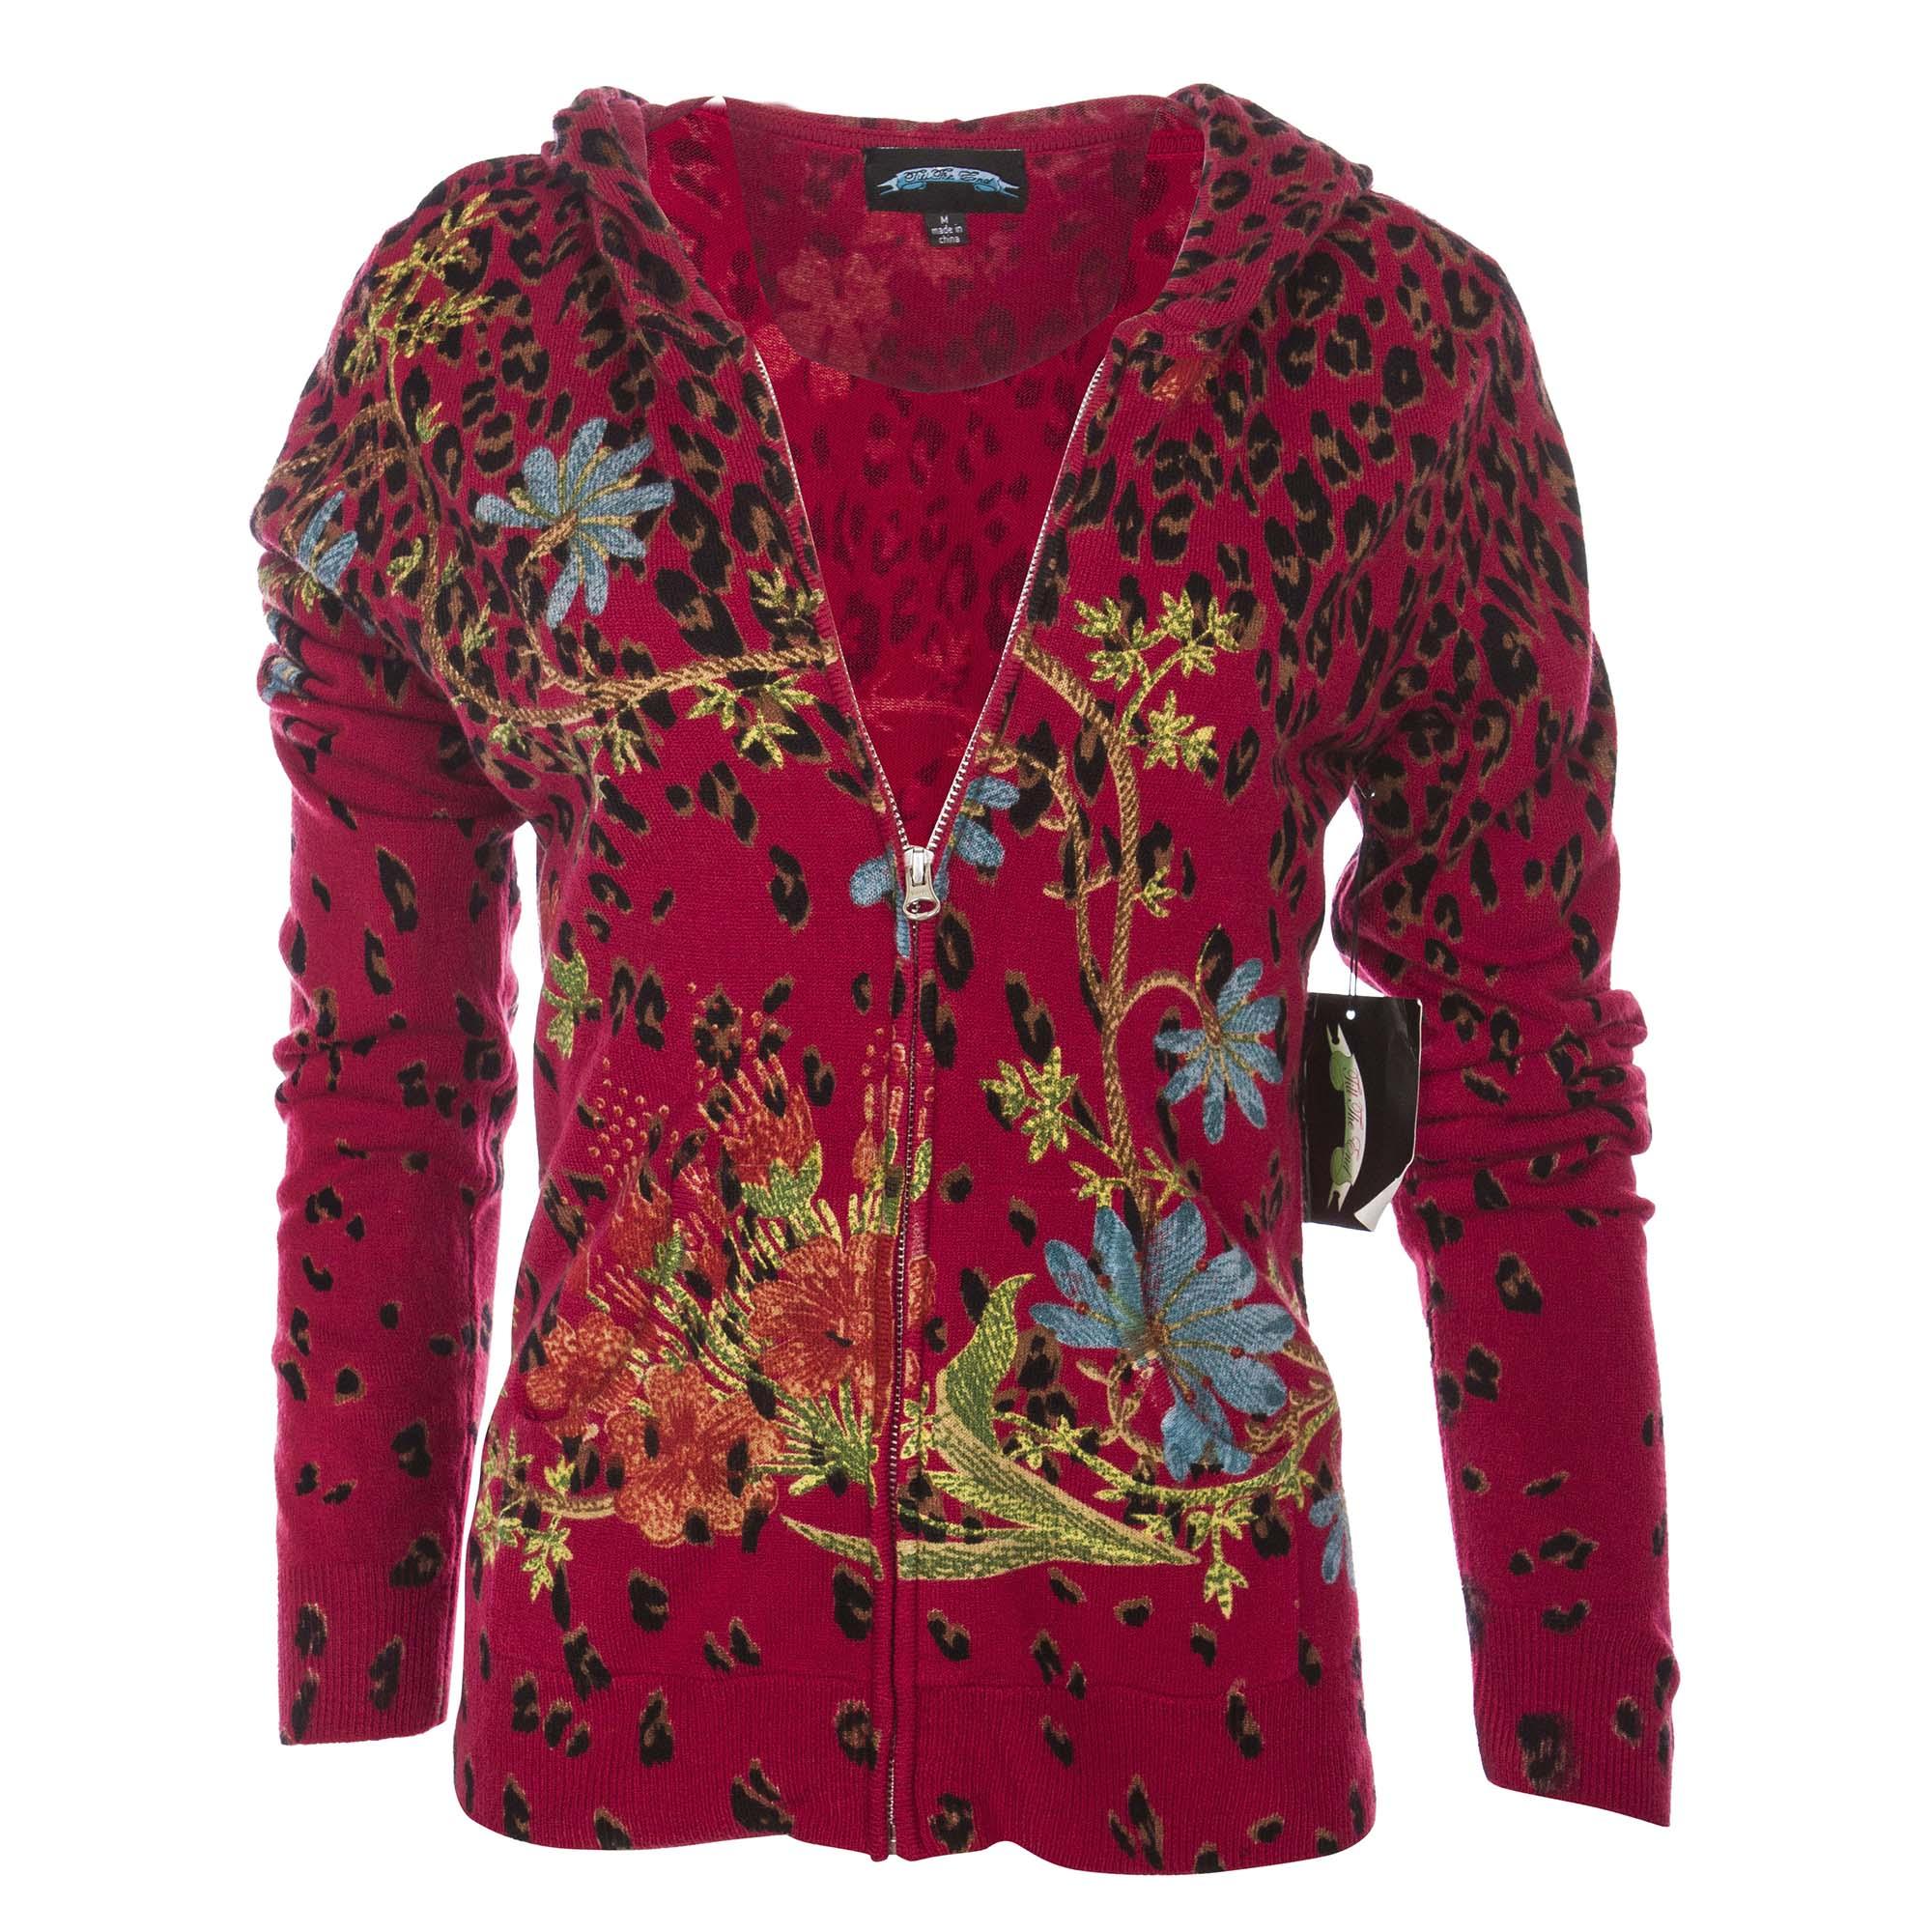 Till The End T09102-Red-GardenLeopard Till The End Women's Acrylic Zip Hoody Garden Leopard - Red